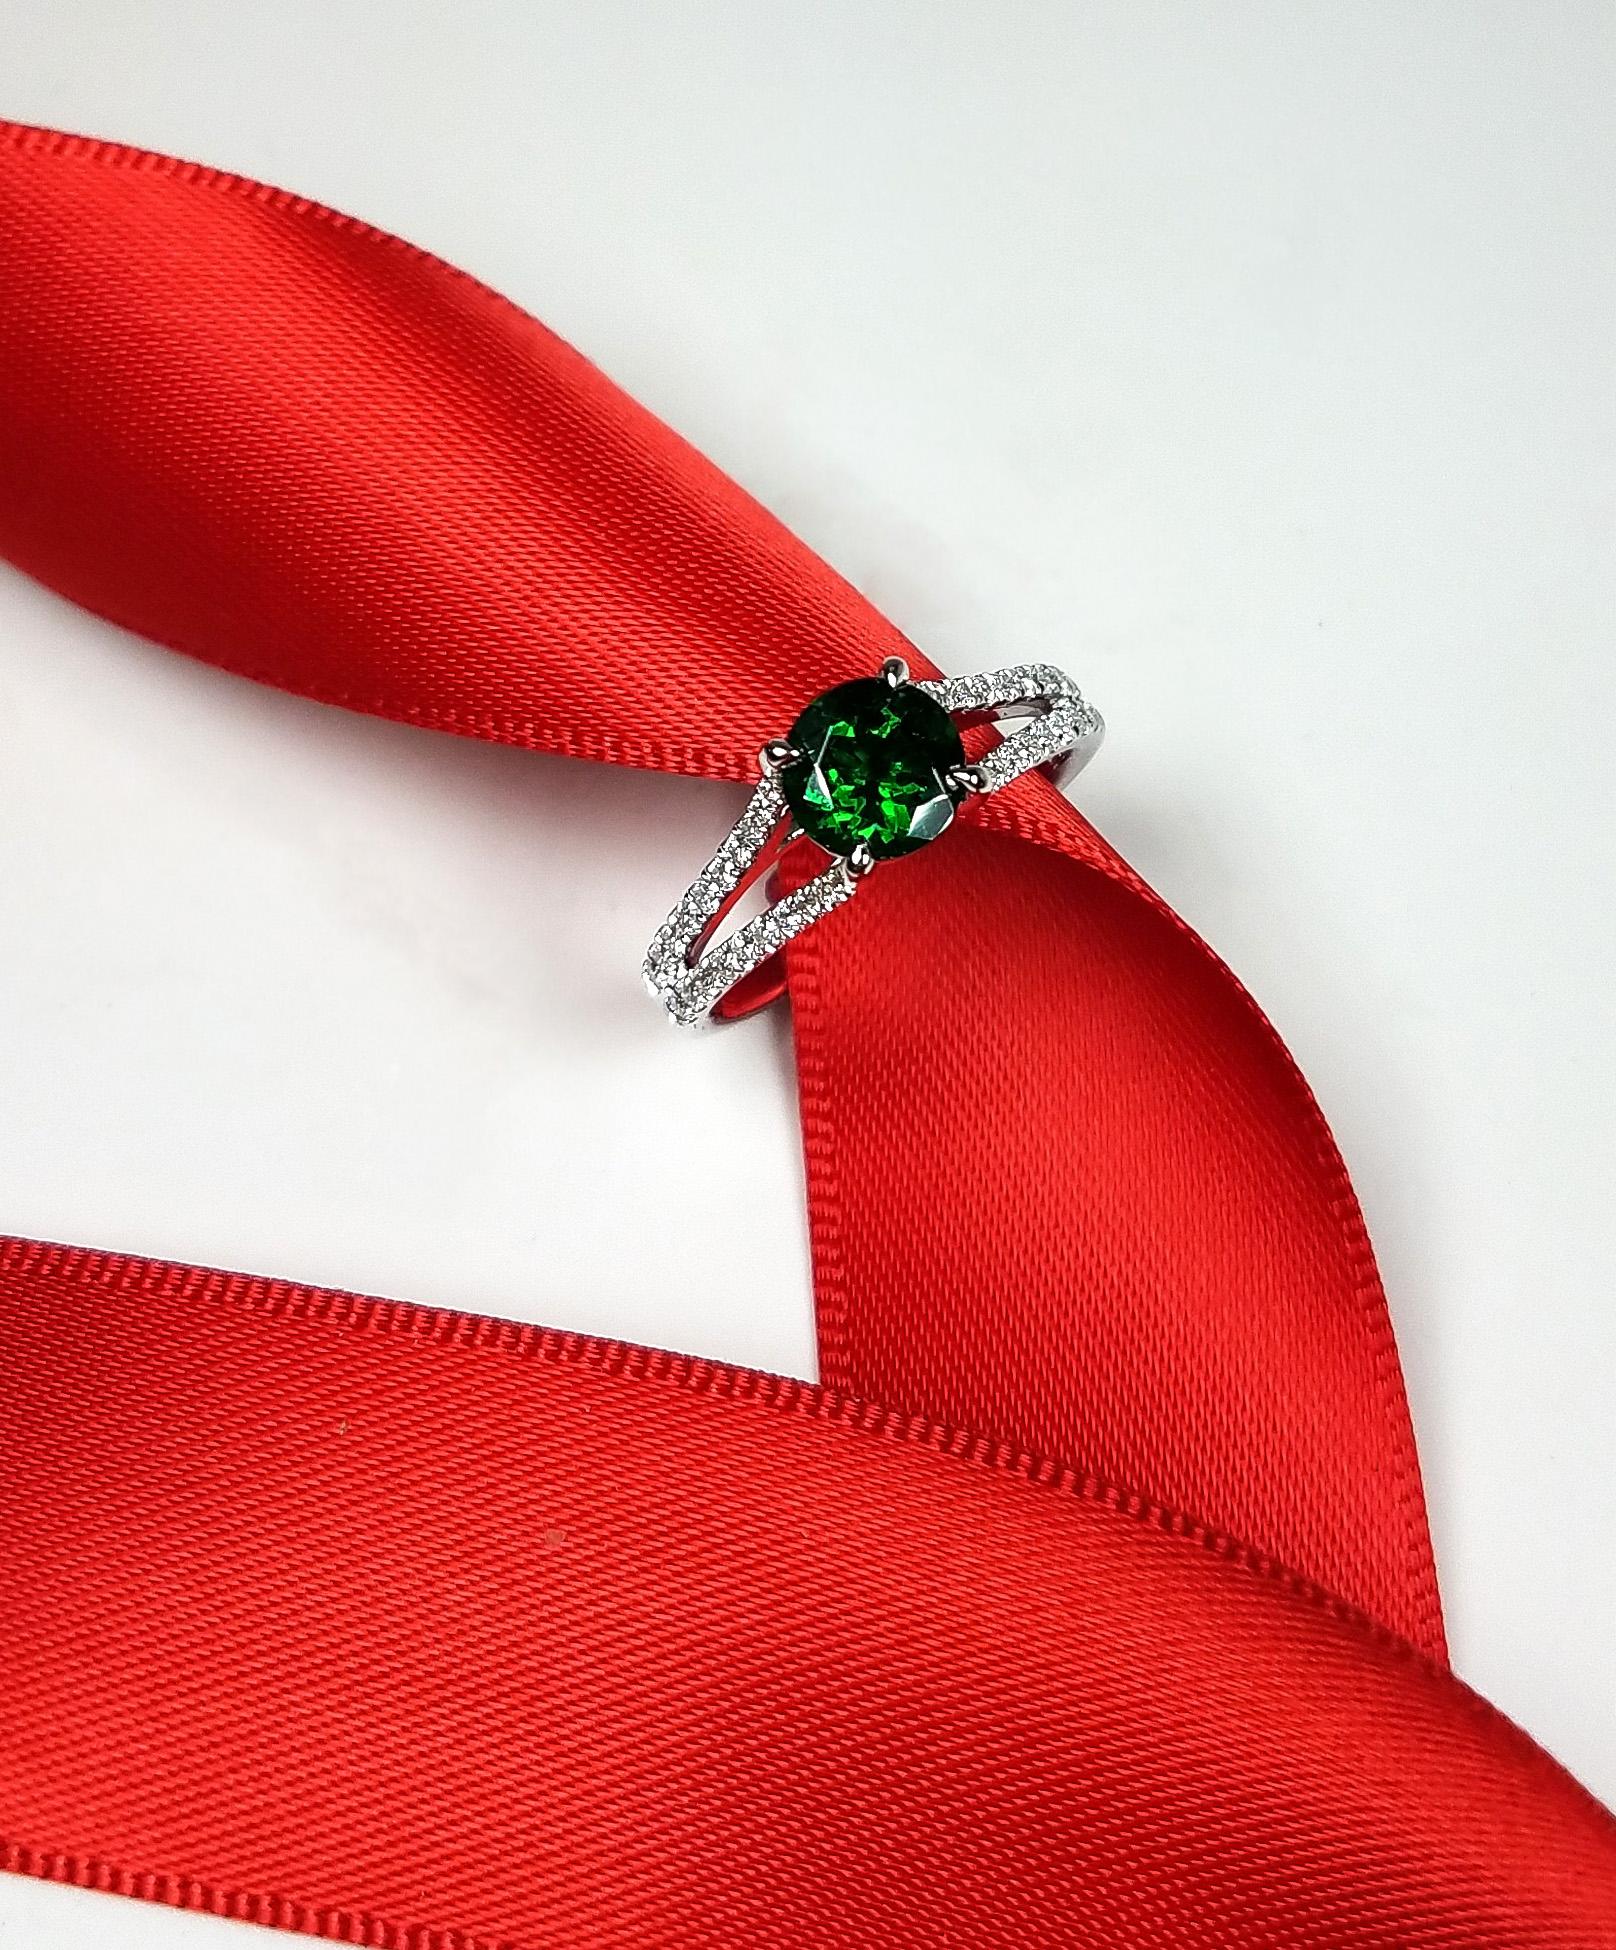 tsavorite_diamond_ring_2_redford_jewelers_holiday_2018.jpg